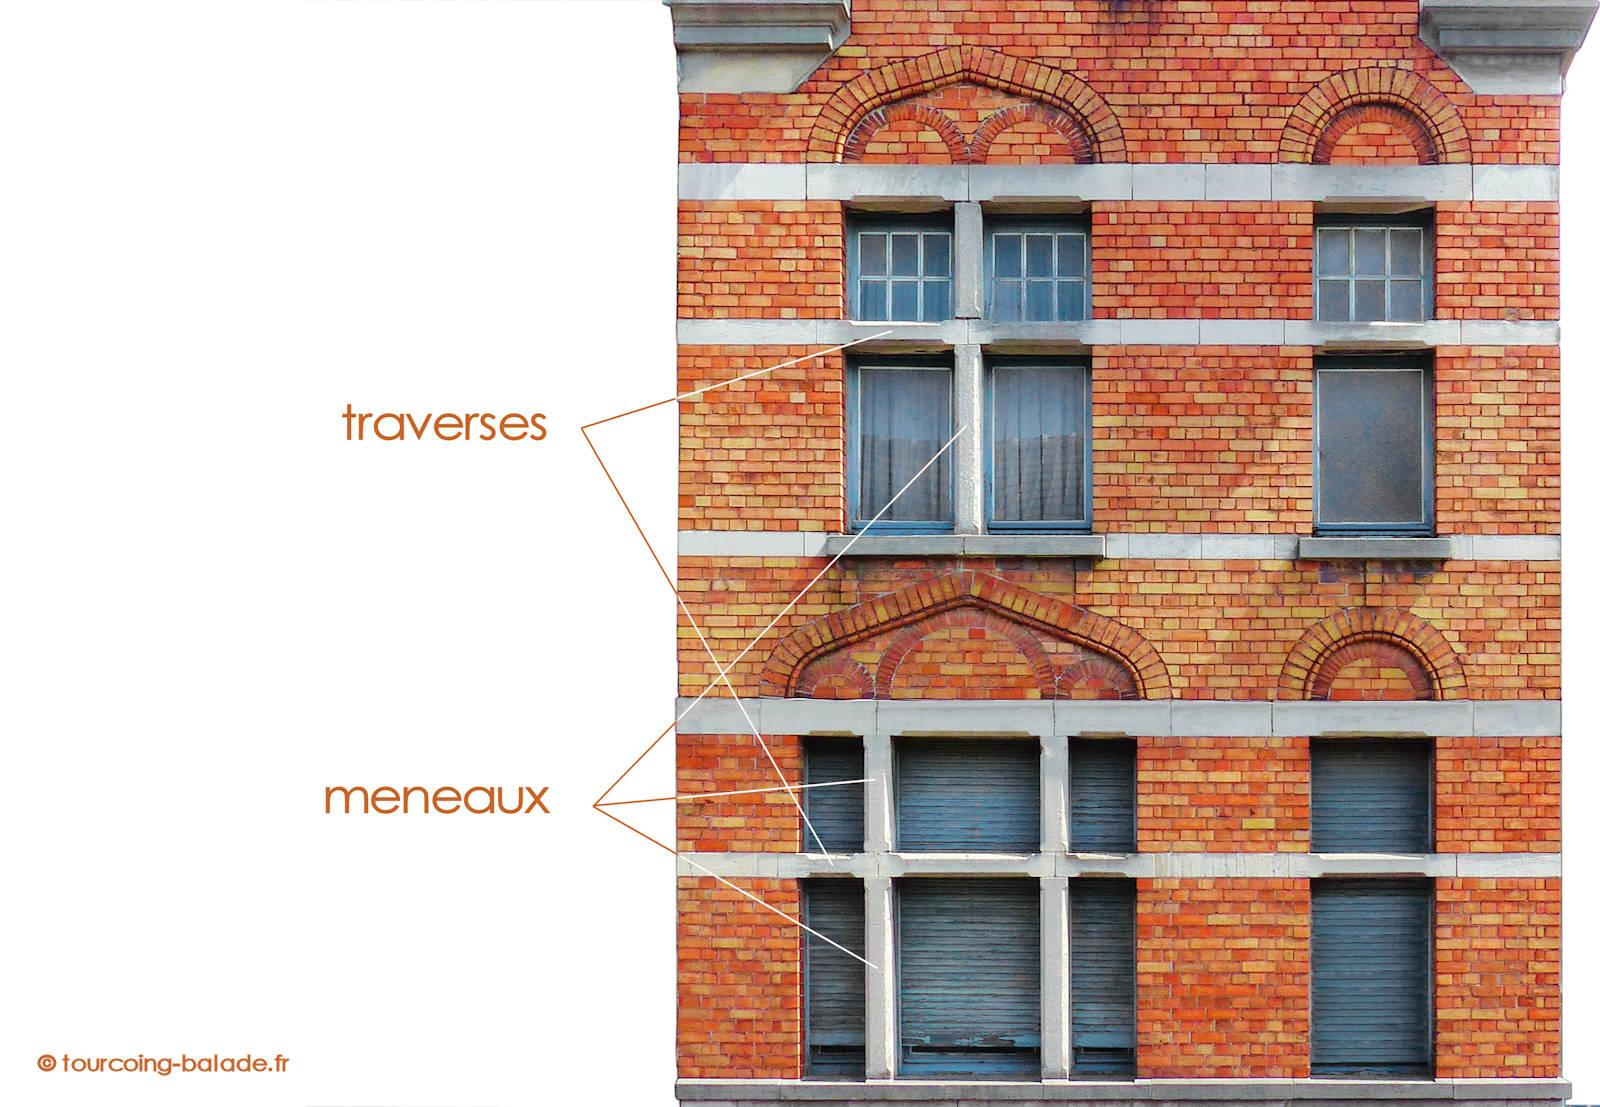 Fenêtre à croisée (meneaux et traverses) - Tourcoing Blanc Seau, 2019